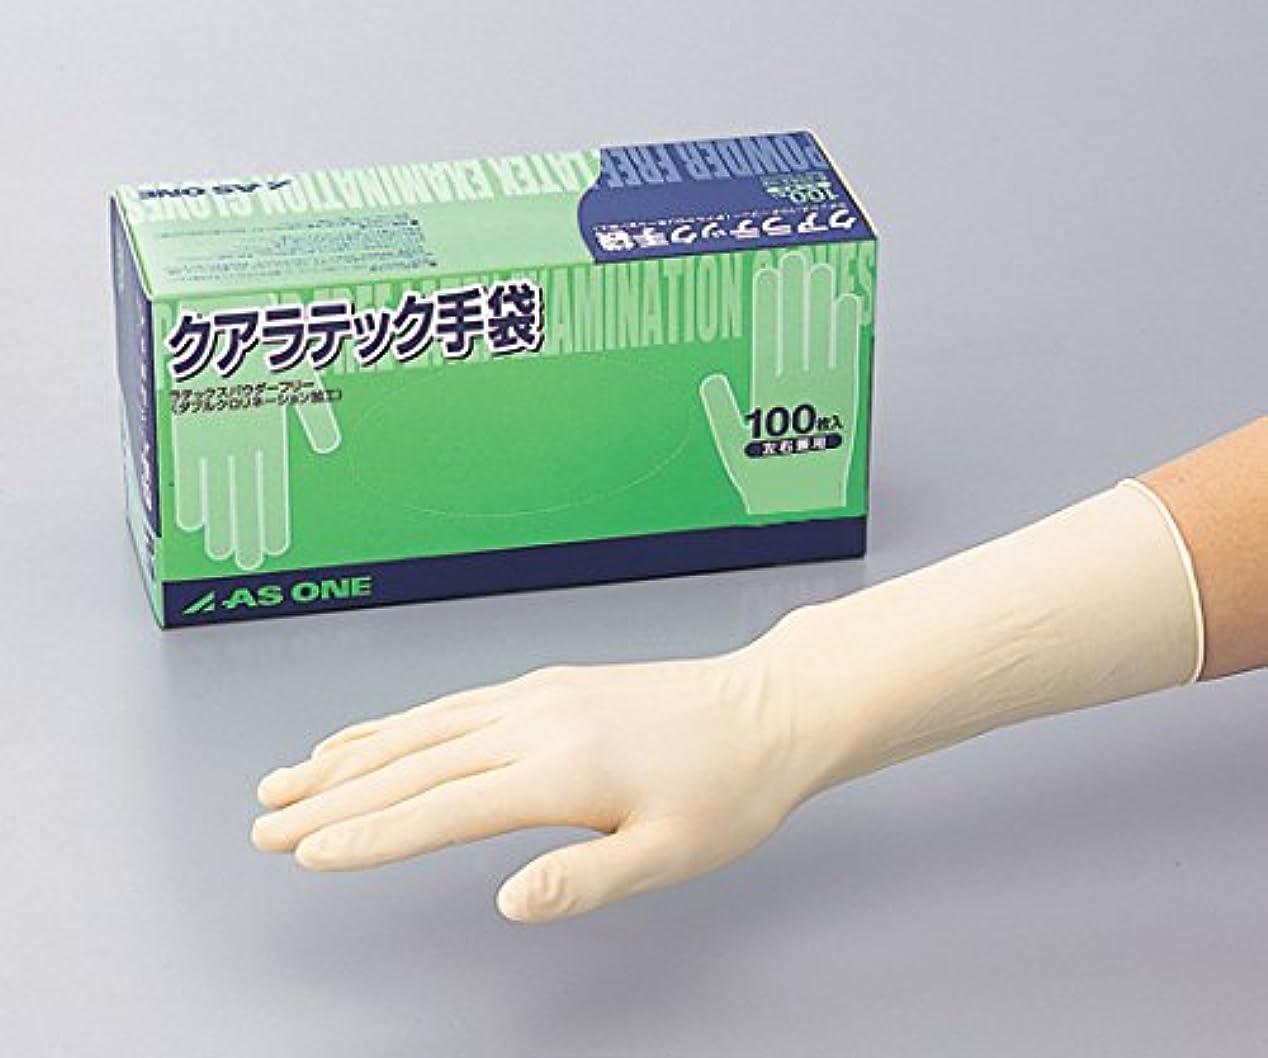 前試してみる振動させるアズワン8-4053-13クアラテック手袋(DXパウダーフリー)S10箱(1000枚入)